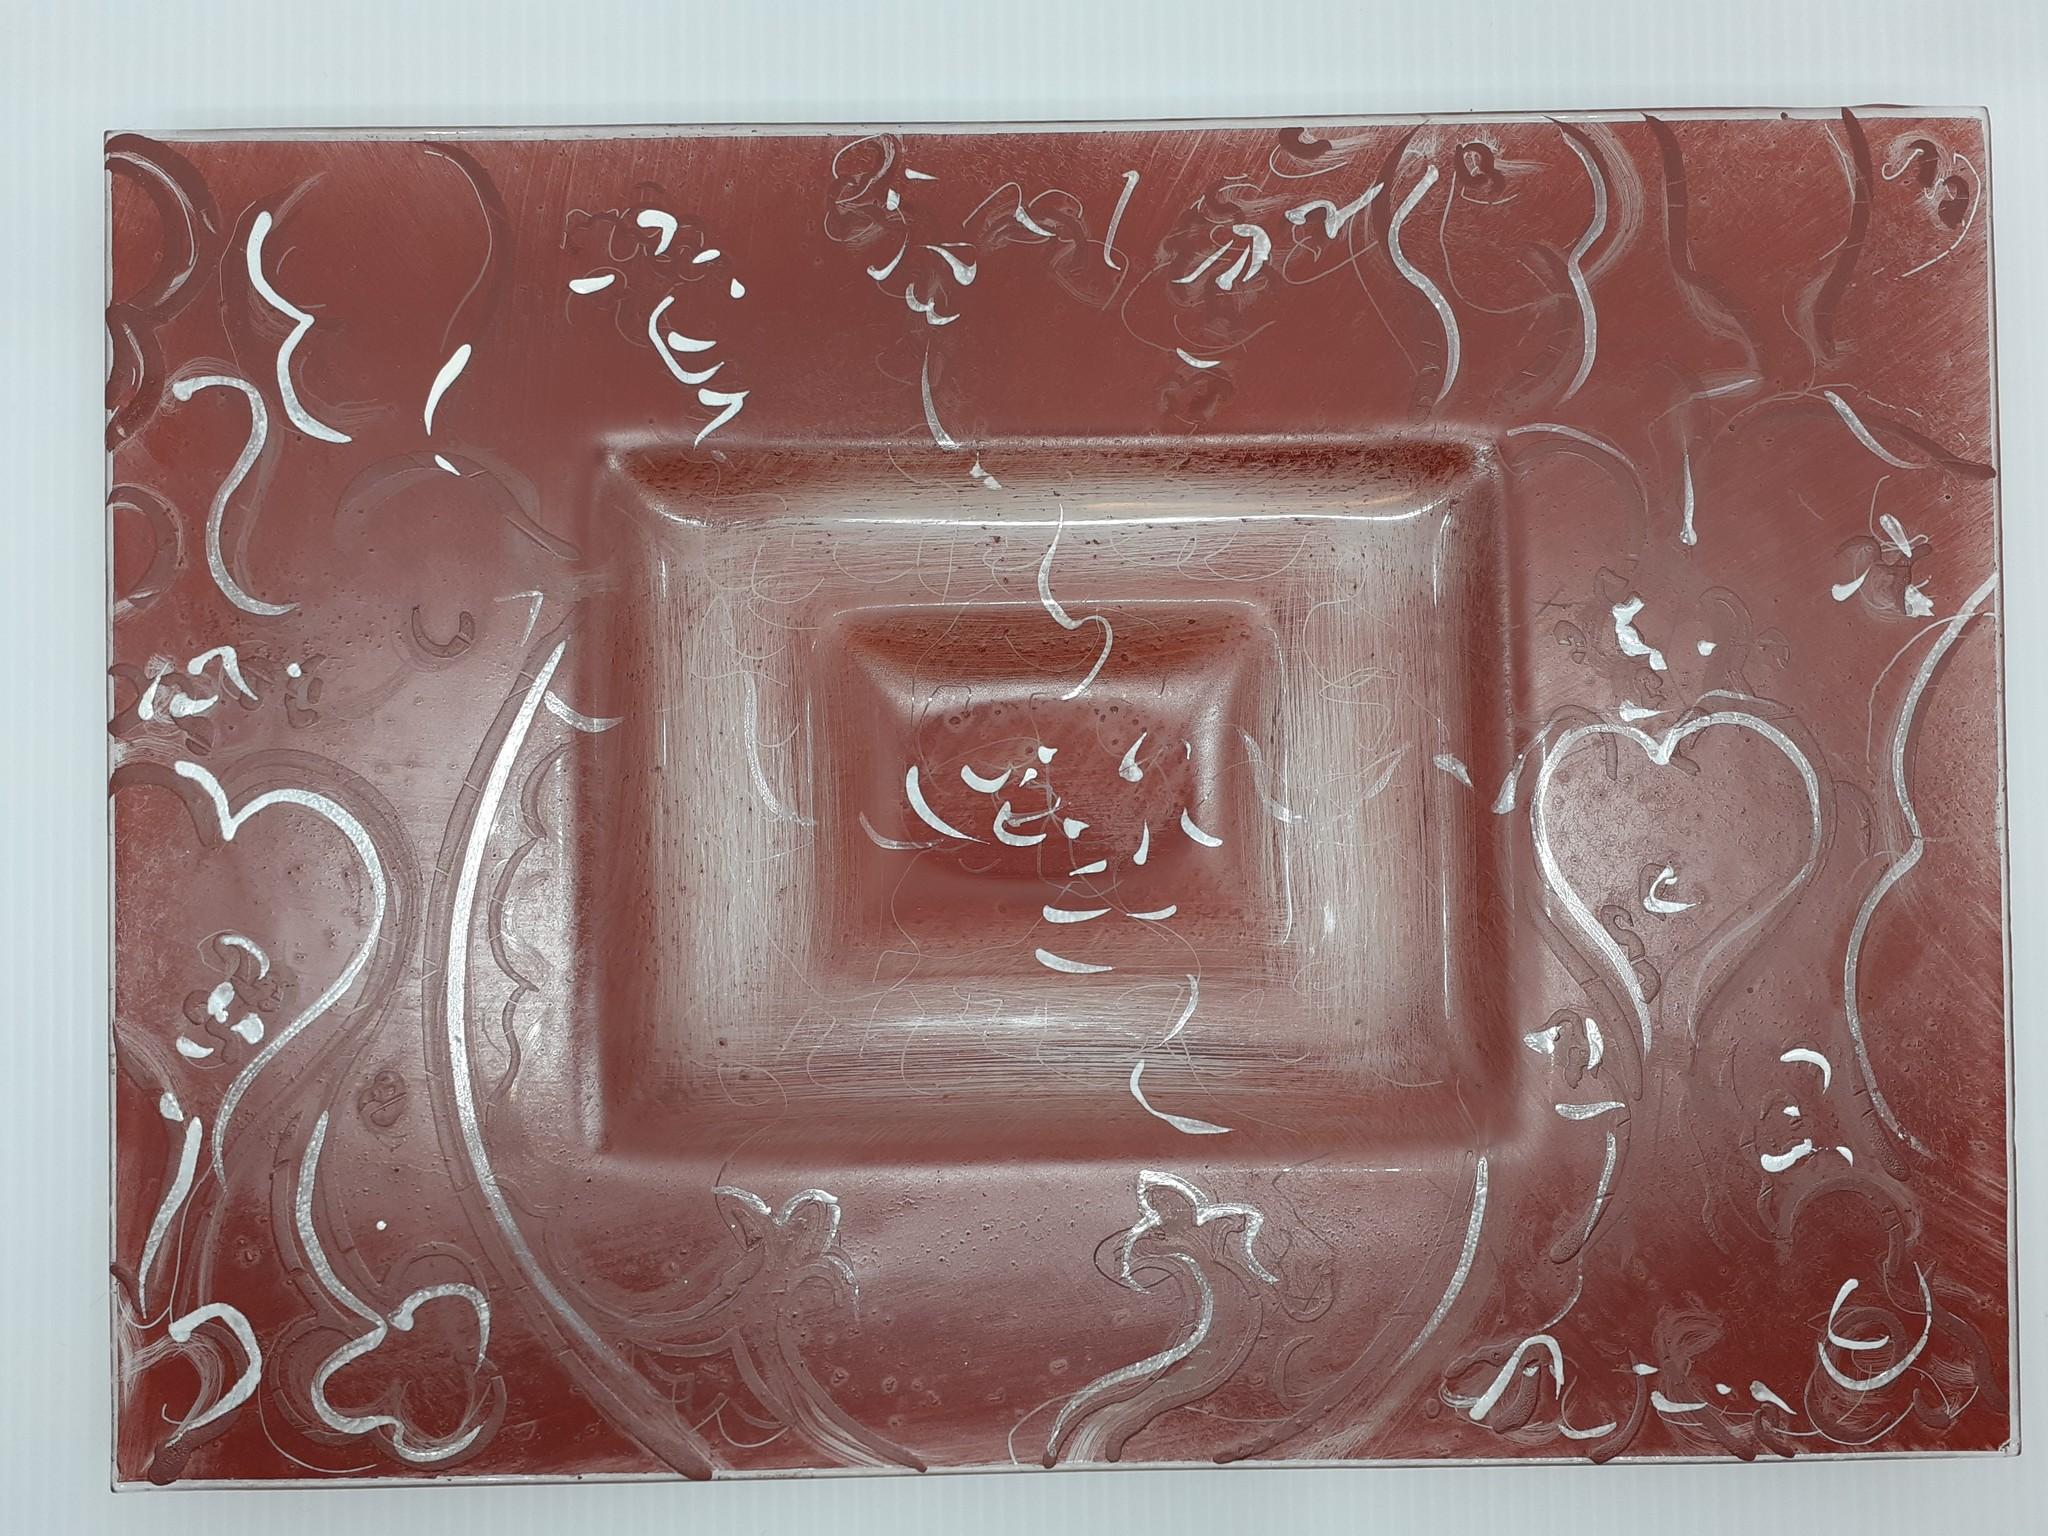 Atrium Unique bowl in glass paste - Atrium